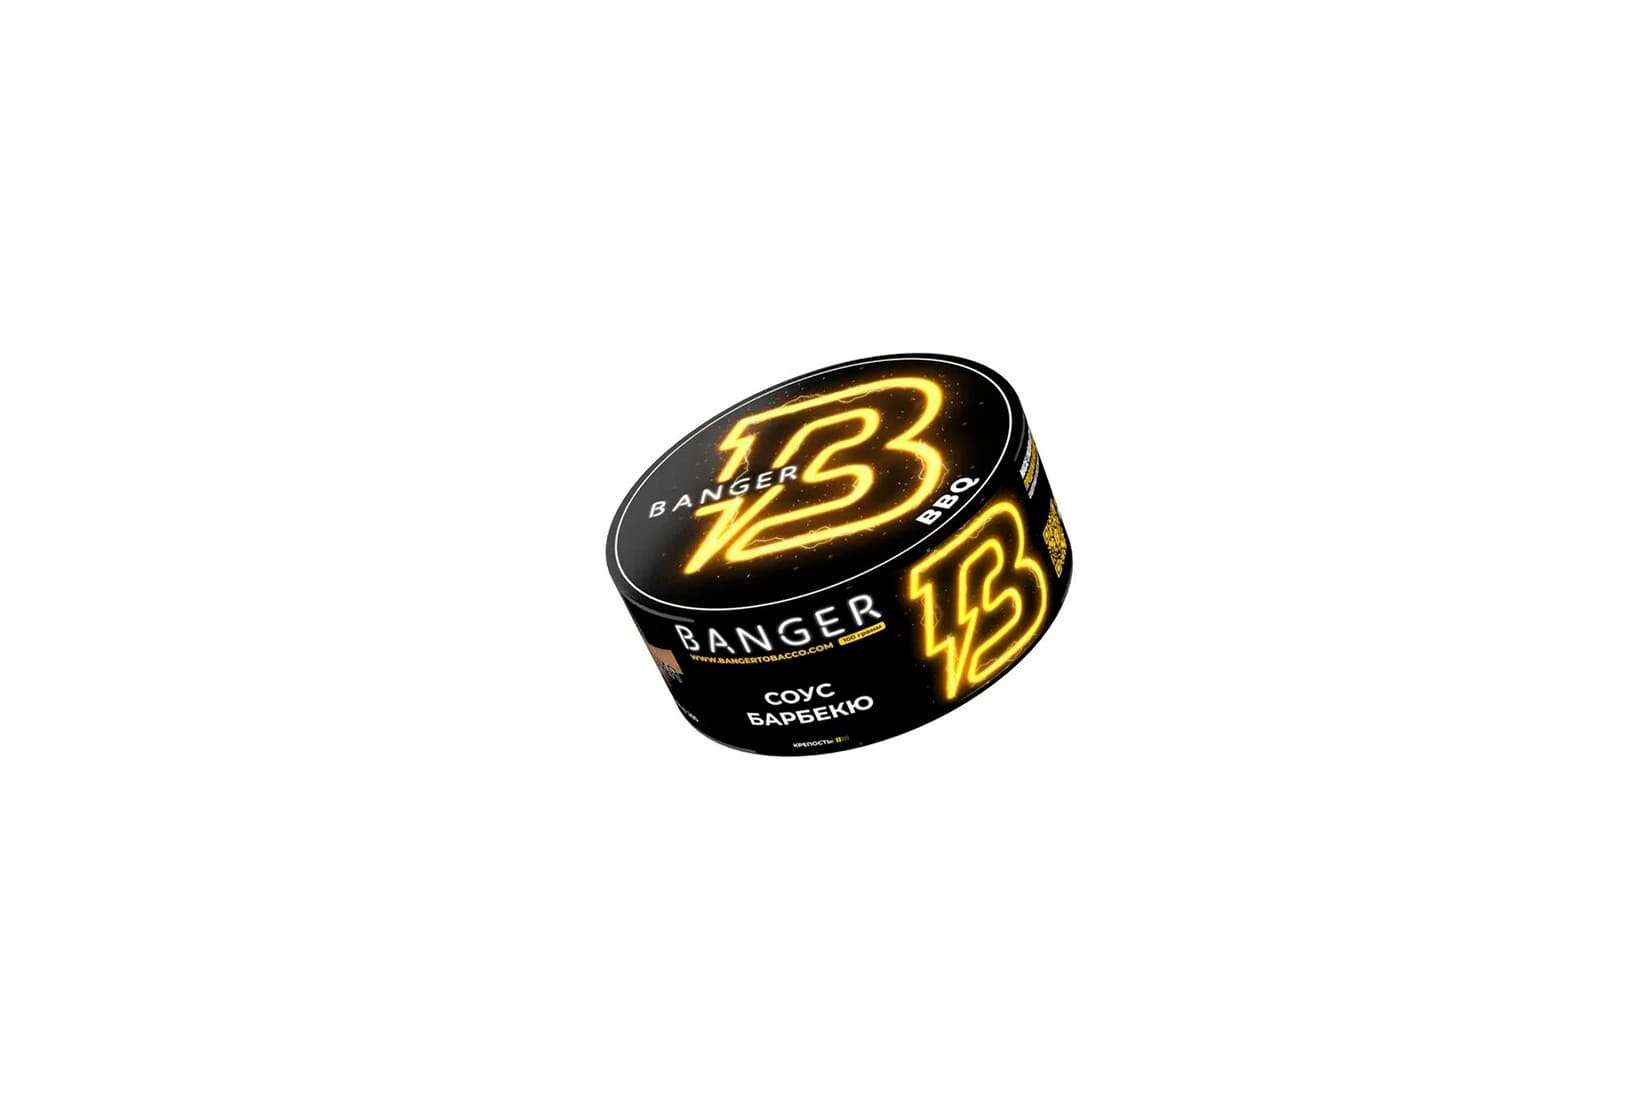 Табак для кальяна Banger BBQ – описание, отзывы